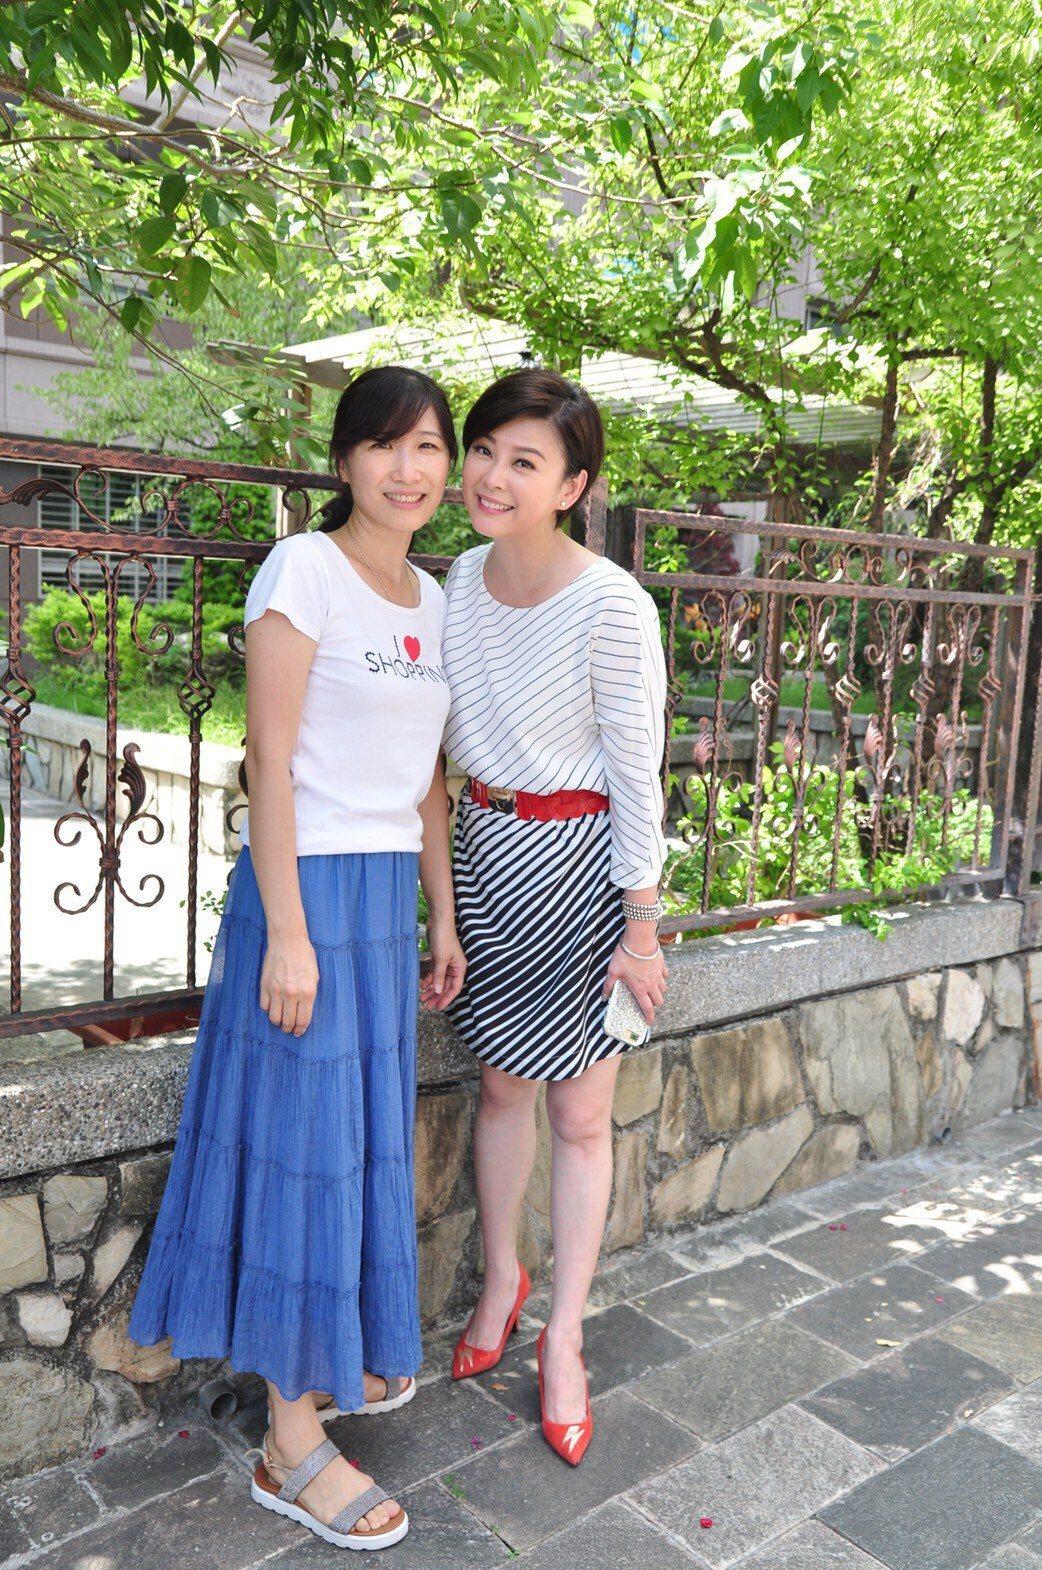 方馨(右)擔任關心弱勢學童愛心大使,出席園遊會遇昔日五燈獎戰友。圖/民視提供